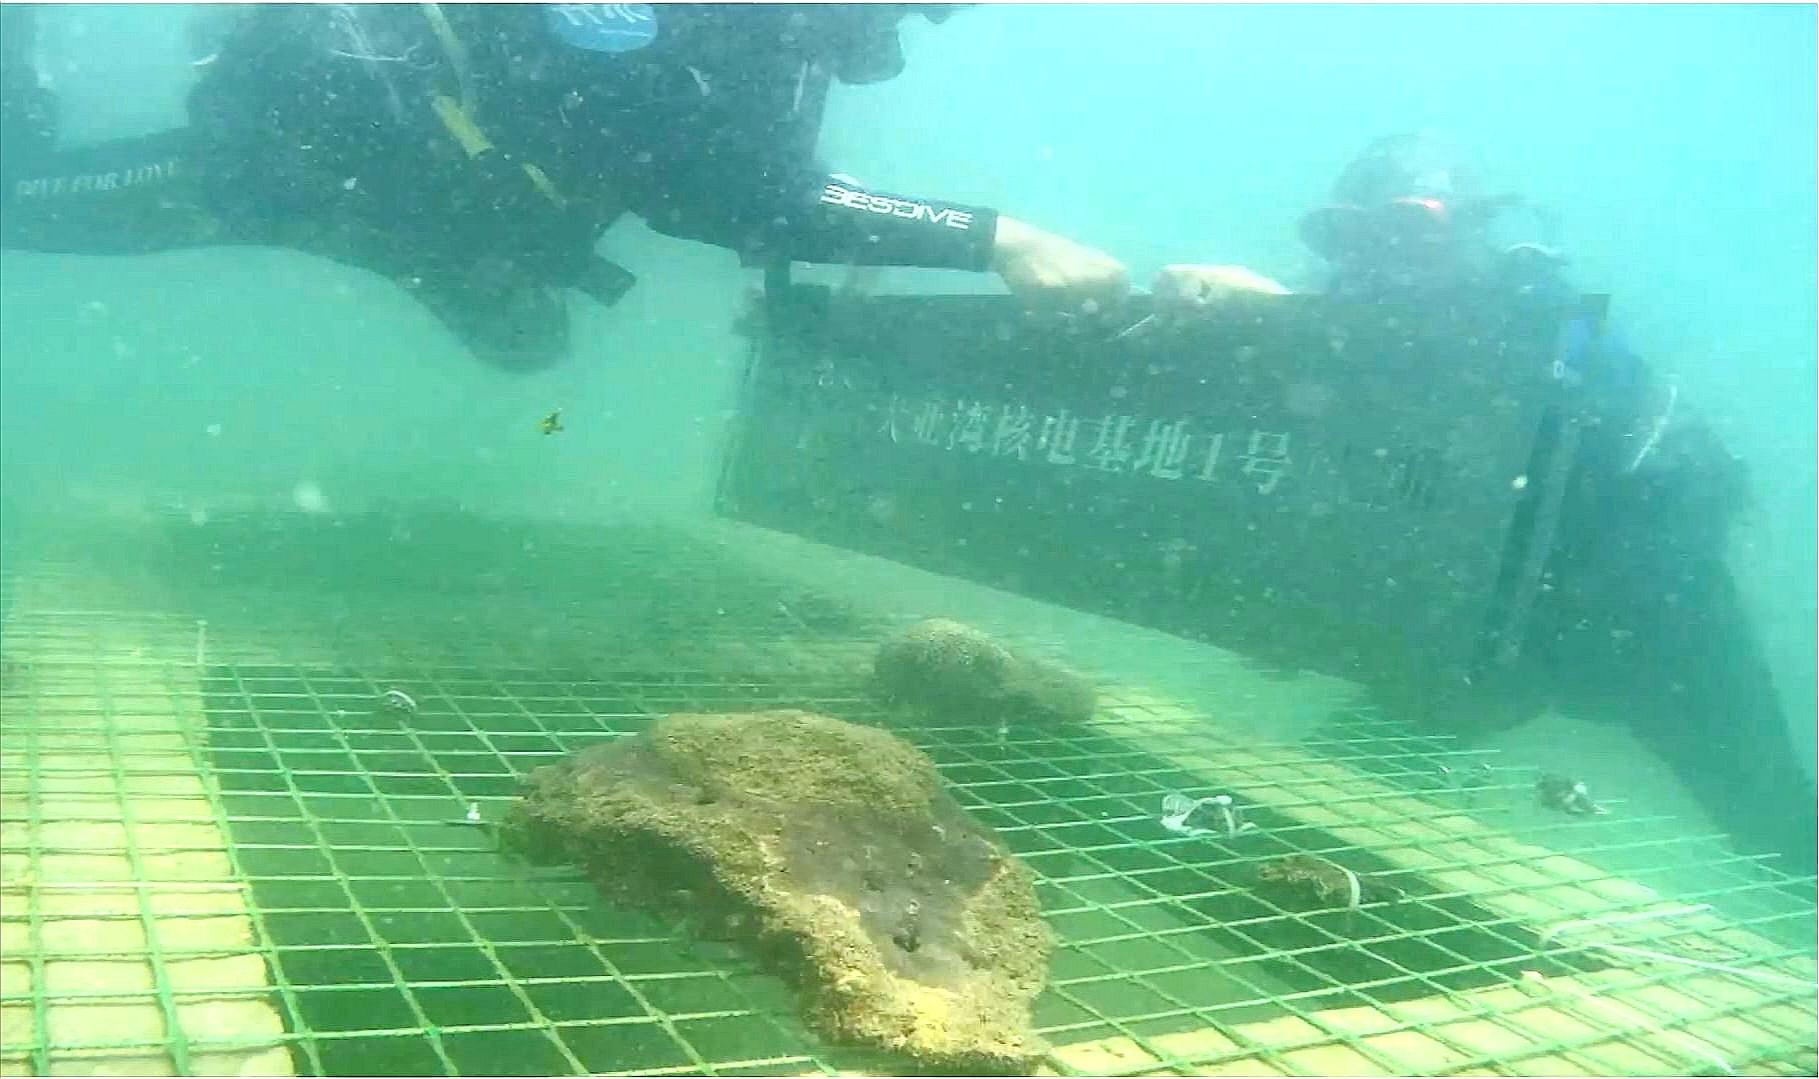 核电基地周边海域水质如何?企业在核电站海底种珊瑚